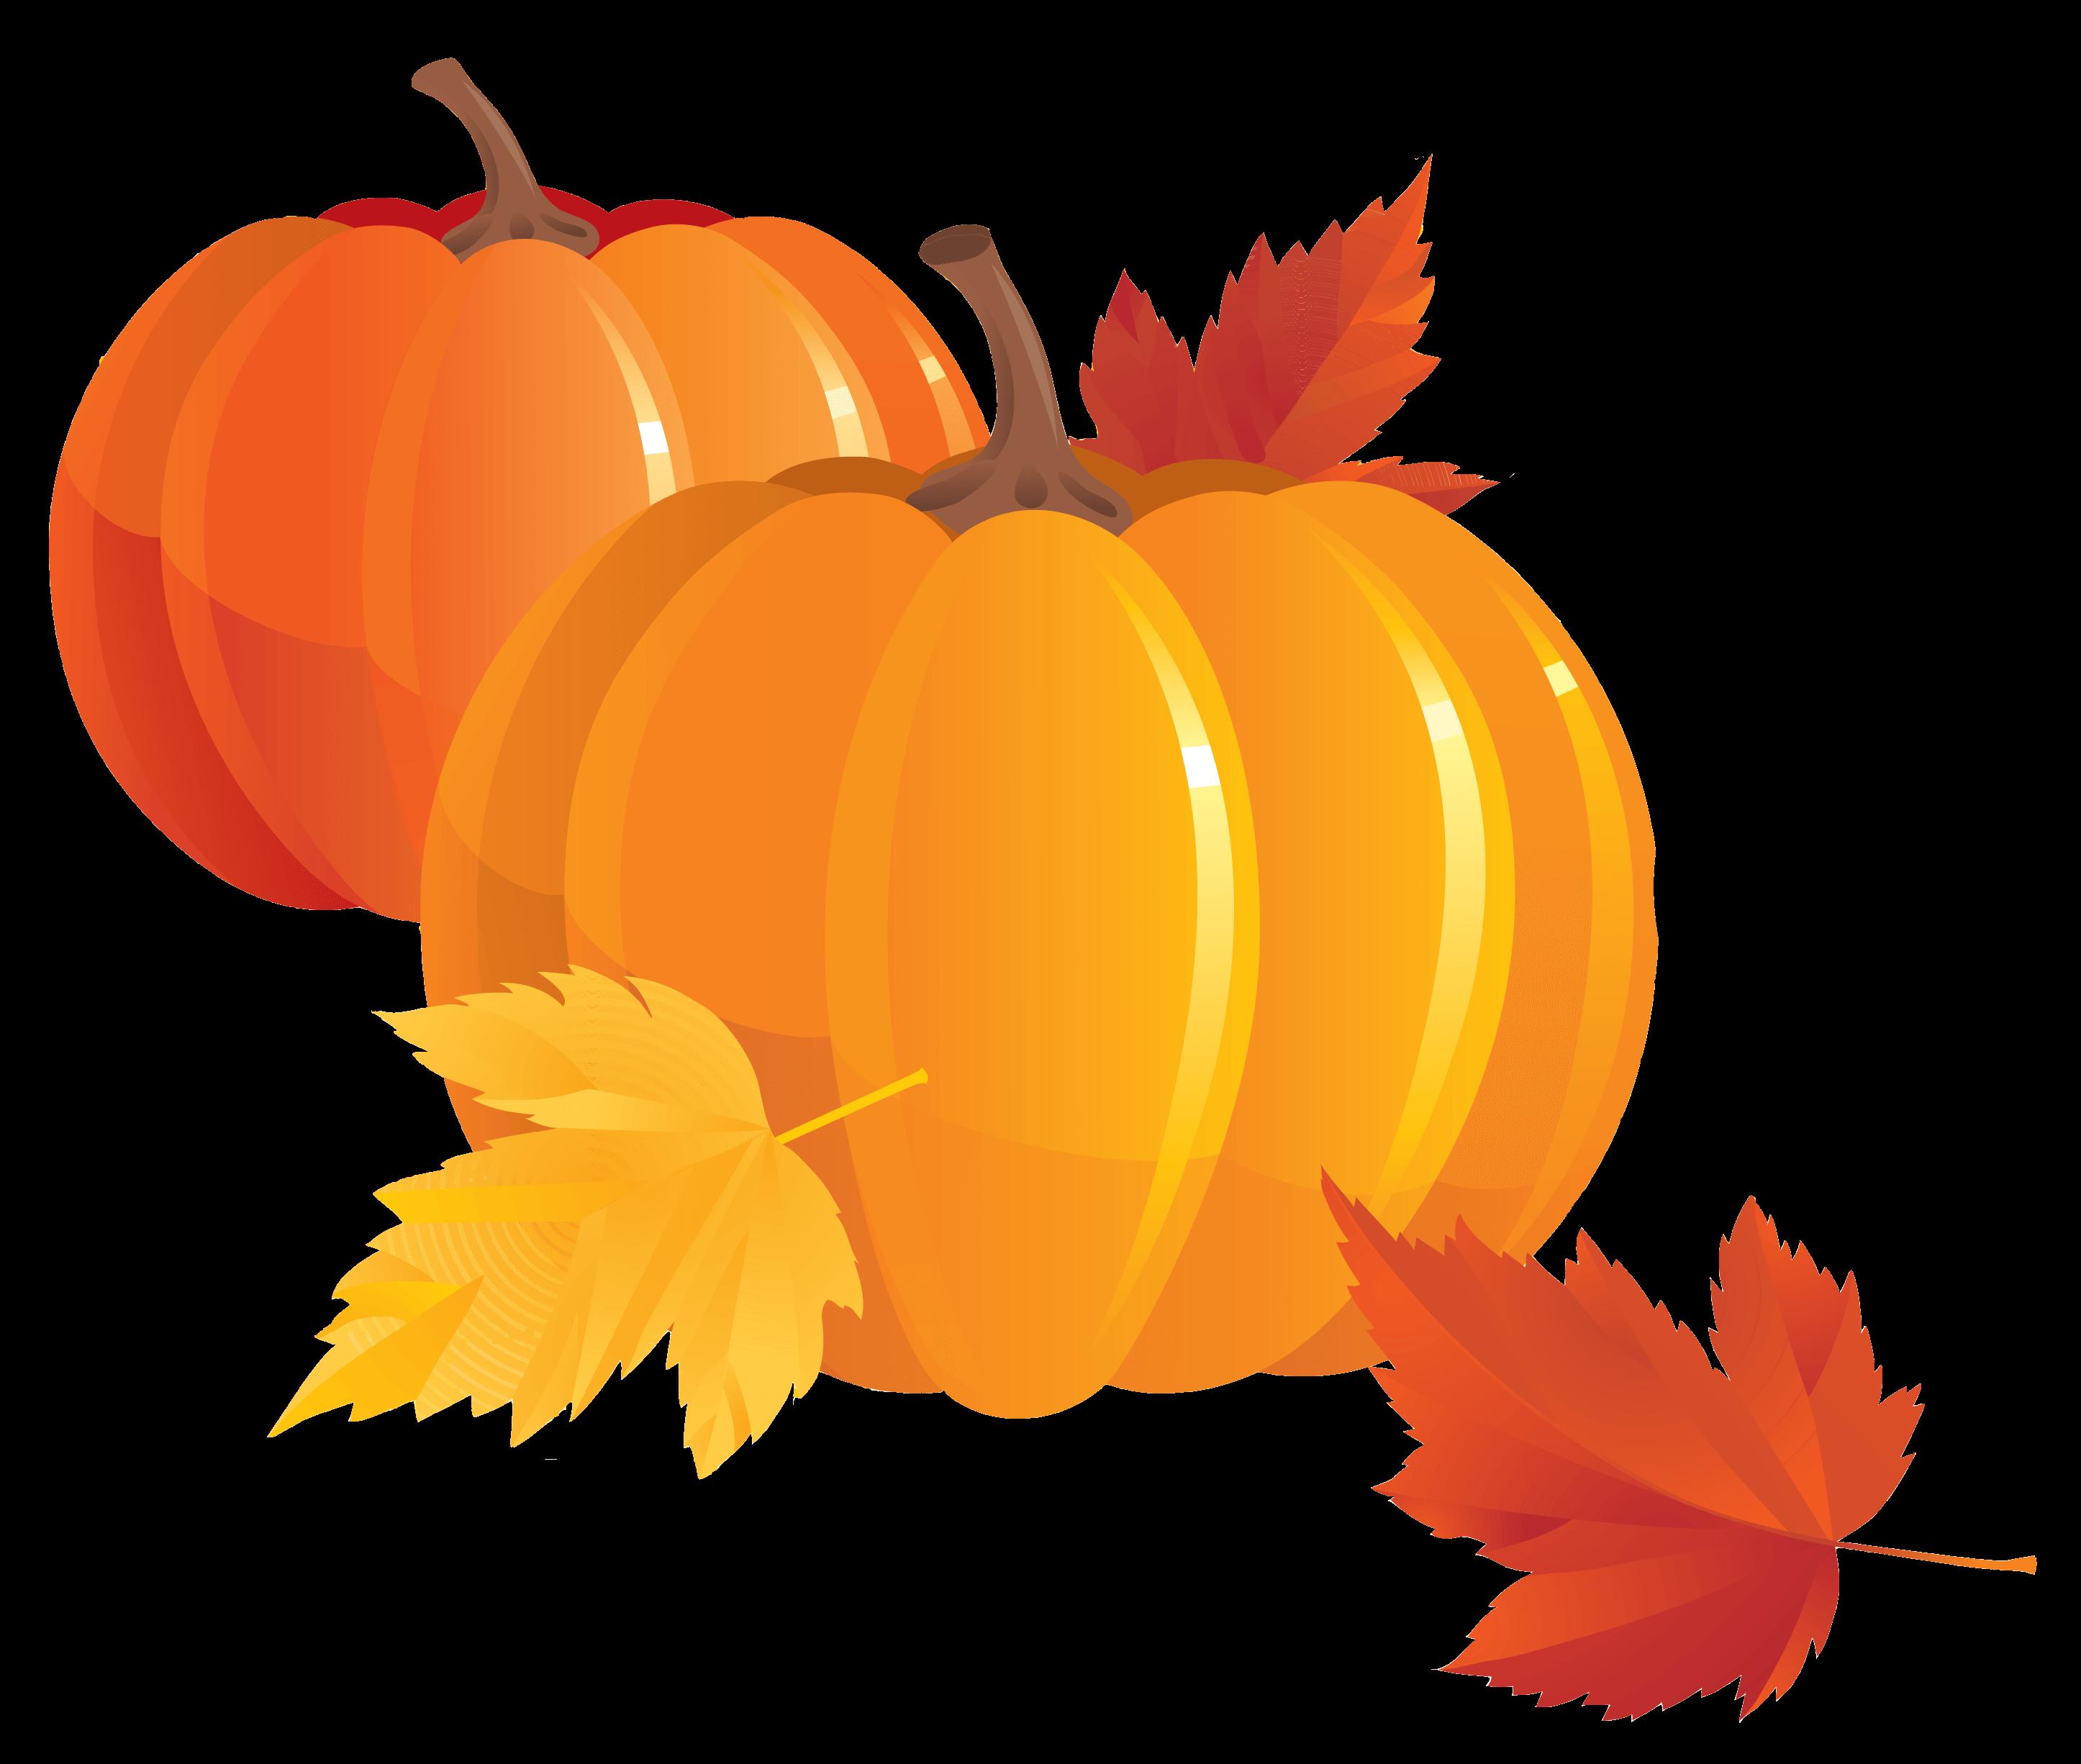 2892x2452 Pumpkins Transparent Png Images